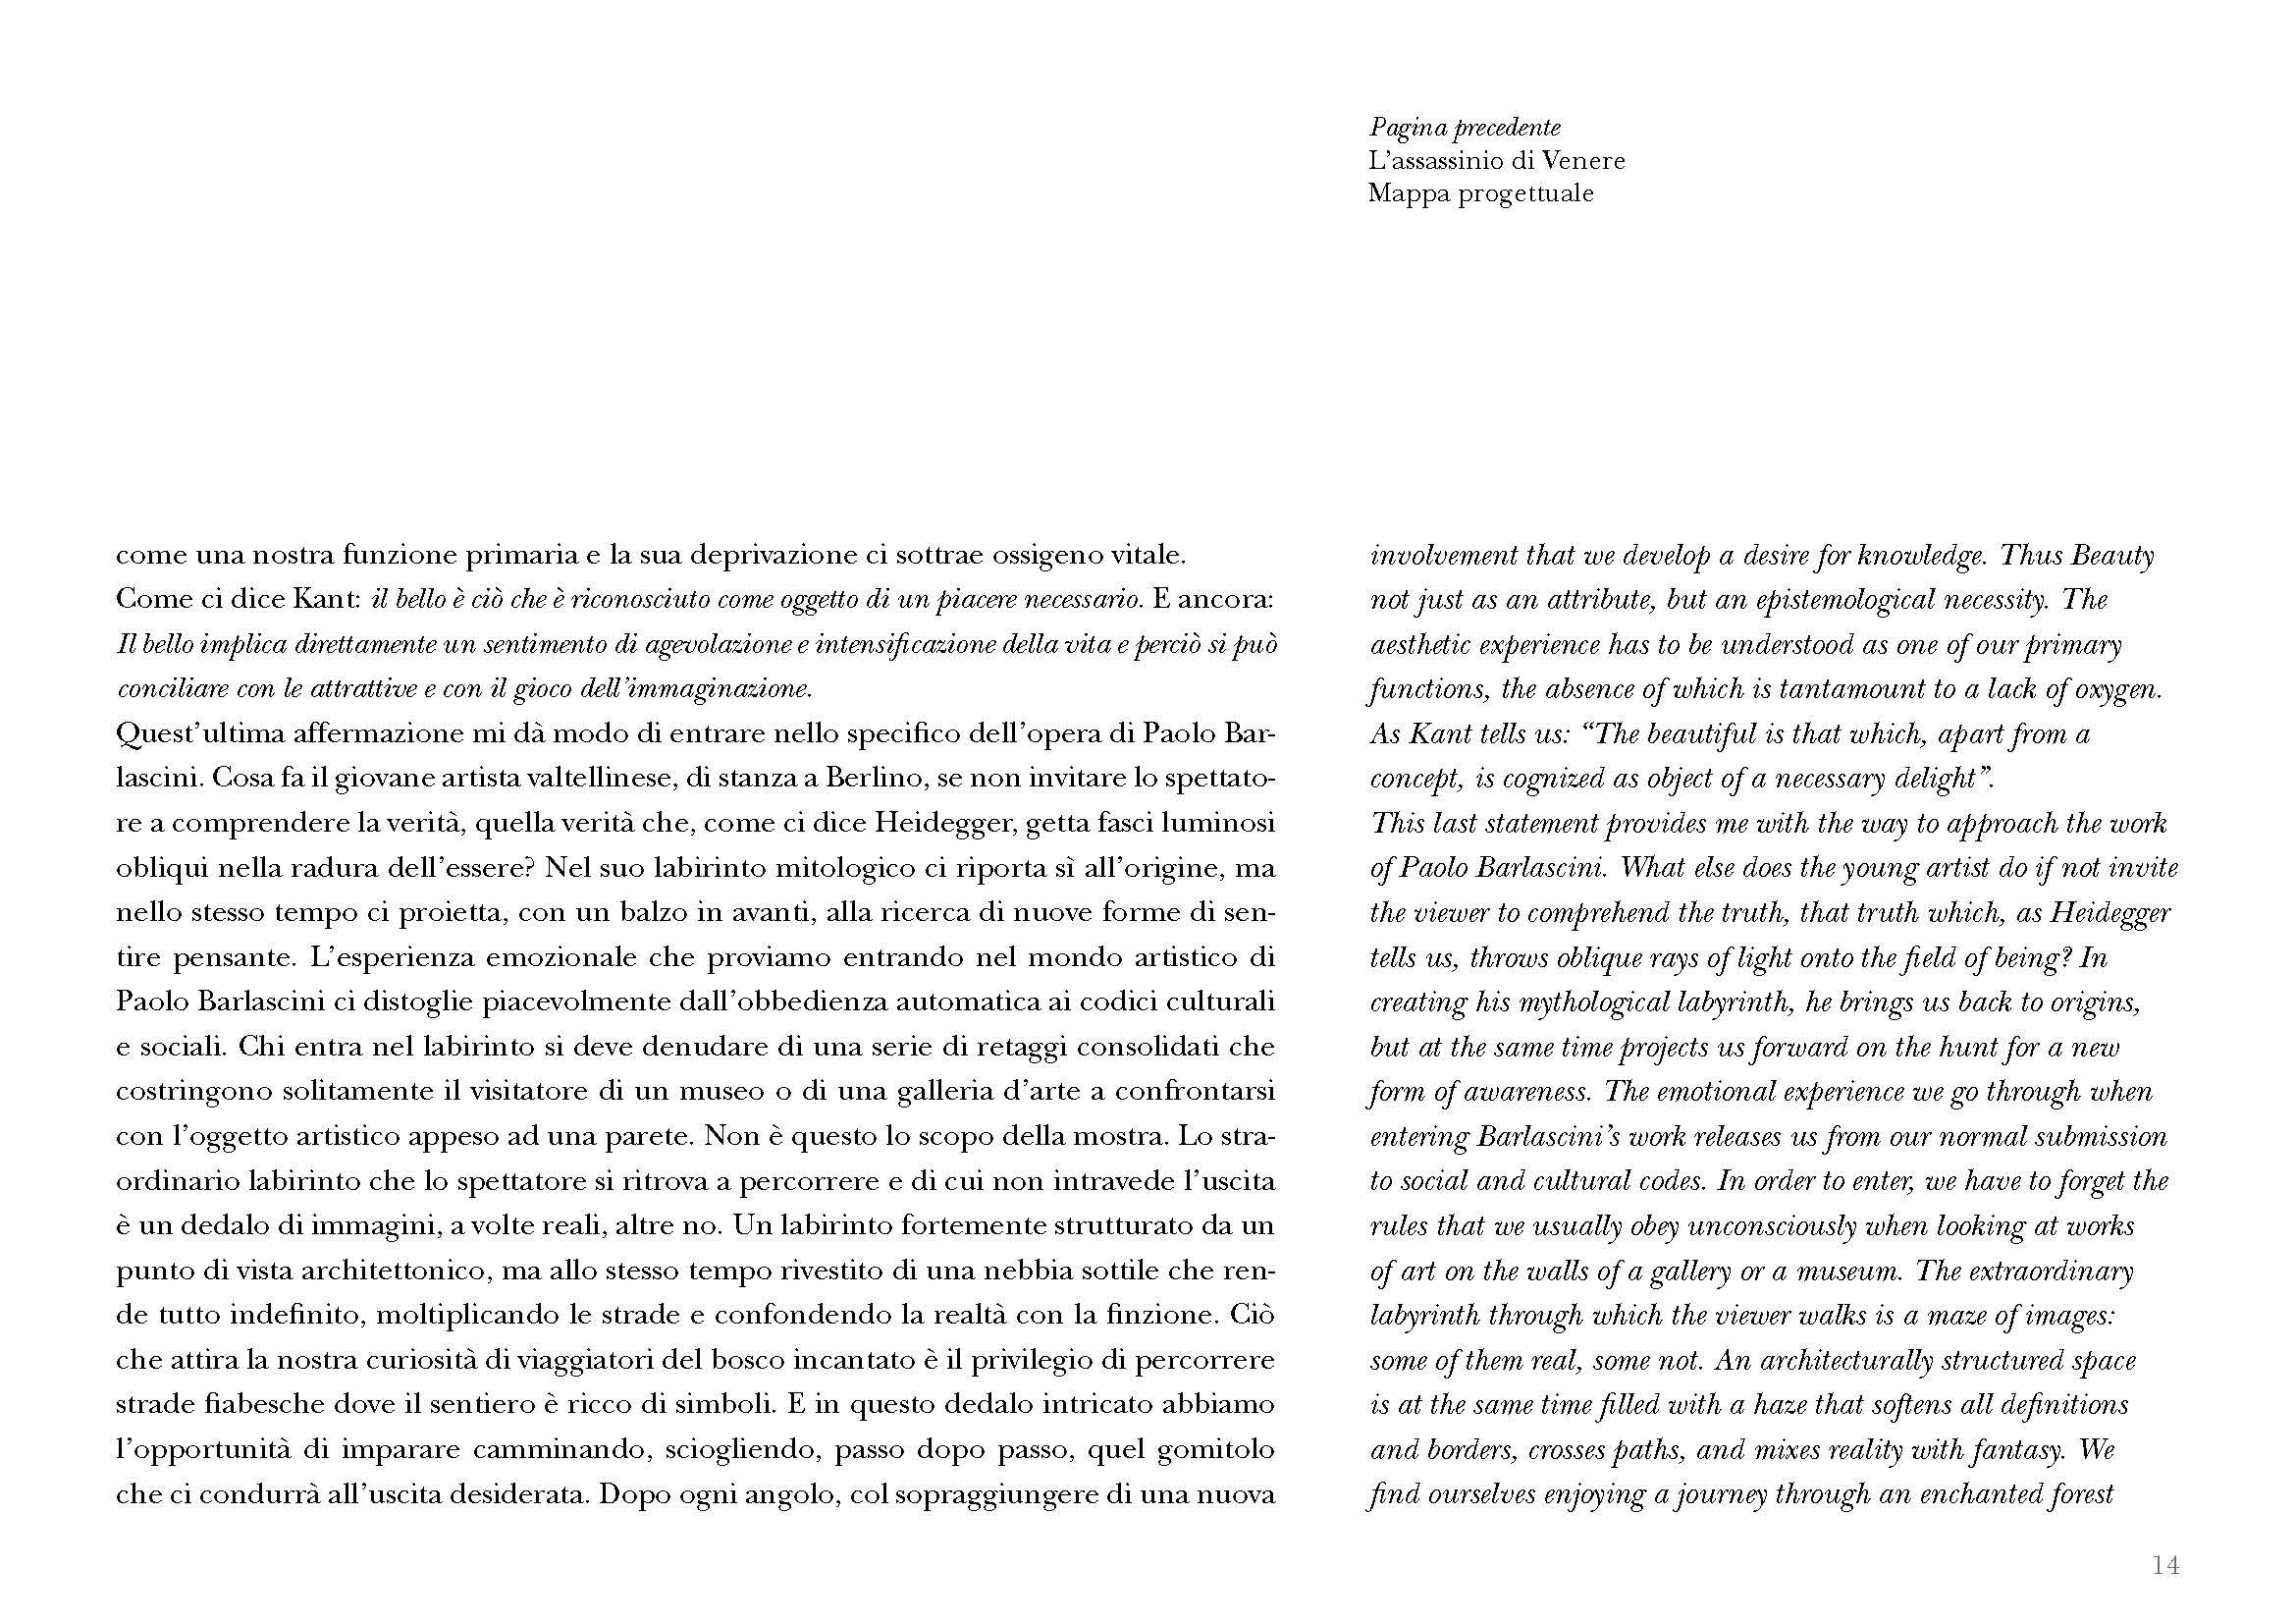 PB08-Assassinio_Page_14.jpg